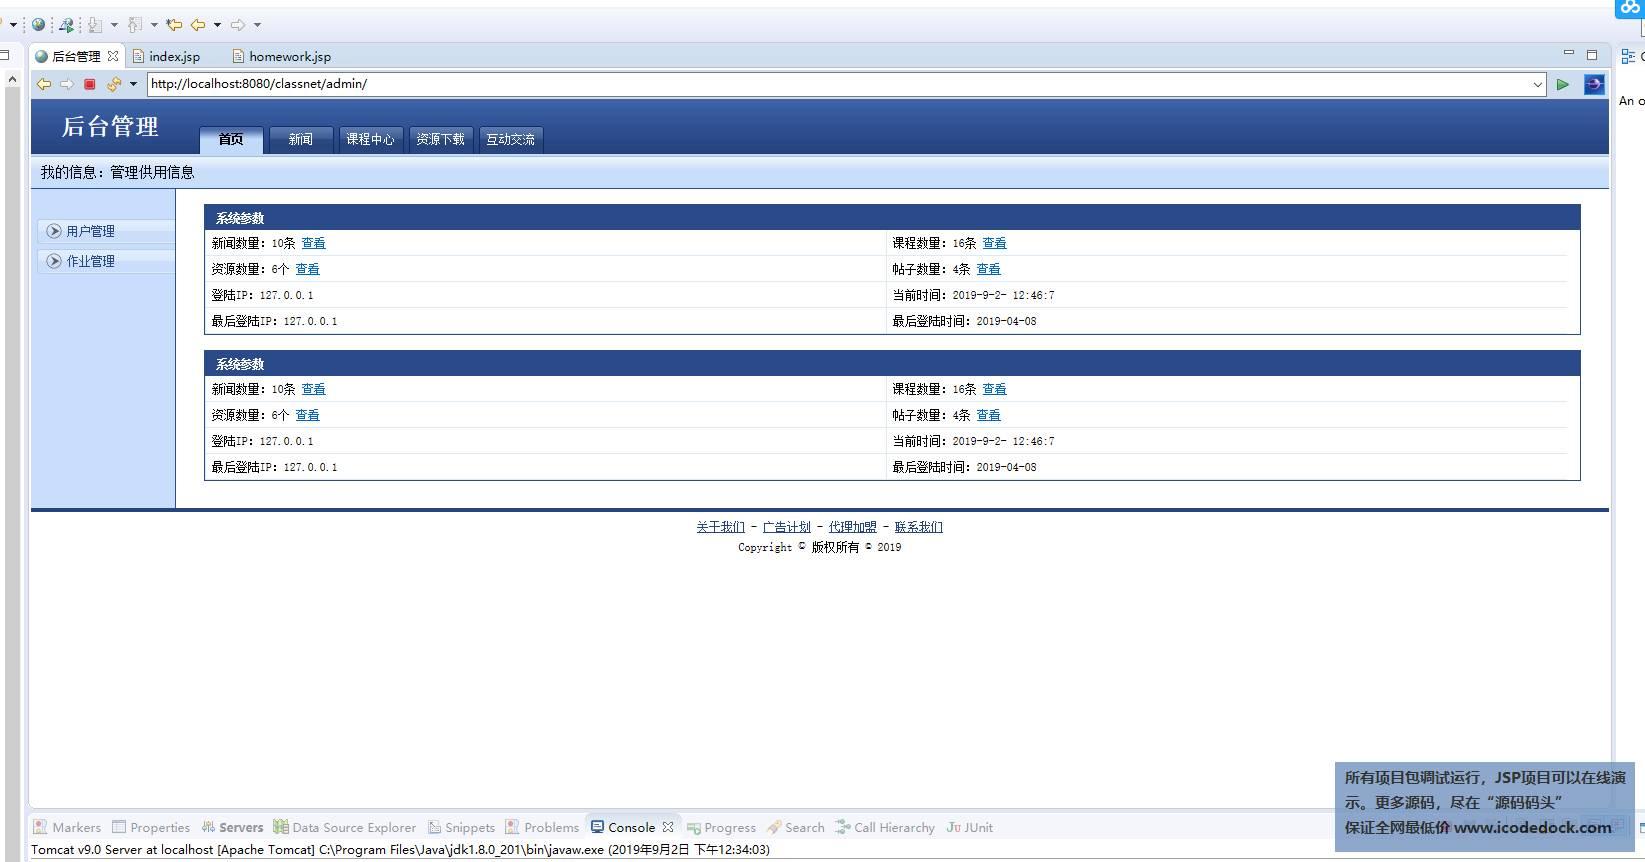 源码码头-SSH教学辅助视频学习交流管理系统-管理员角色-管理员首页